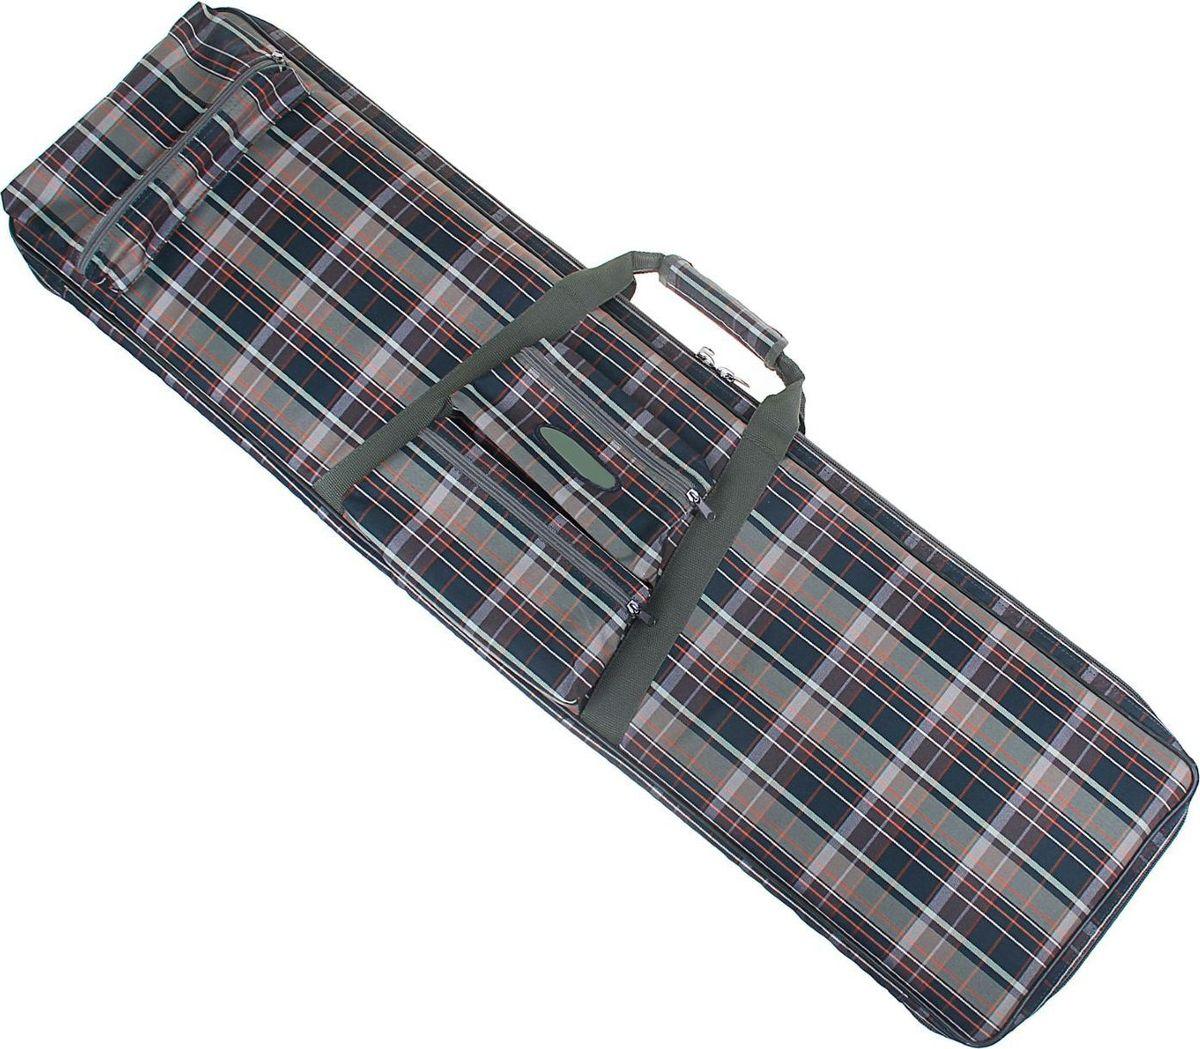 Чехол для оружия, 115 х 30 см. 12571761361370Чехол предназначен для хранения и переноса винтовки. Он выполнен из клетчатой водонепроницаемой ткани шотландка. Внутри чехла имеетсякарман-сетка и лямки для фиксации оружия. Изделие закрывается на молнию. Размер: 115 х 30 см.